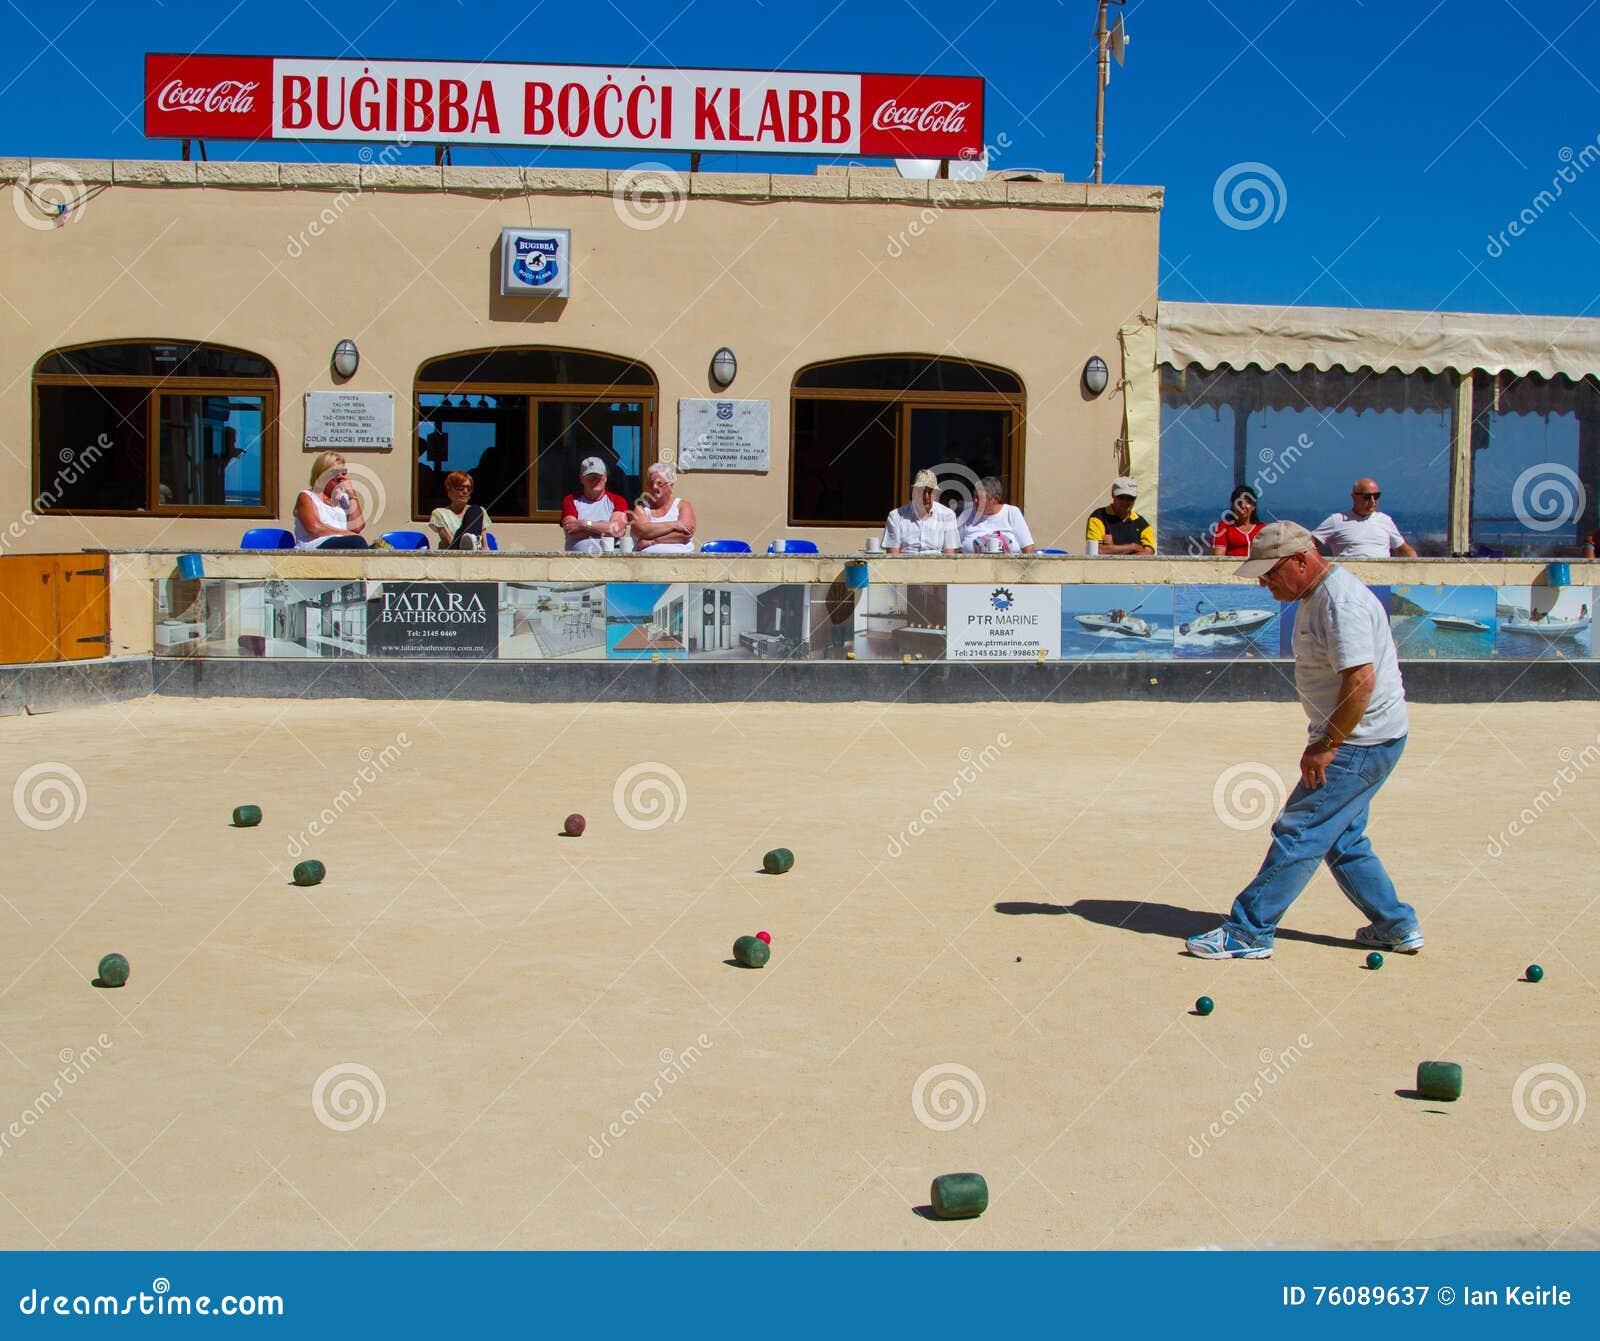 Bocci étant joué dans Bugibba, Malte